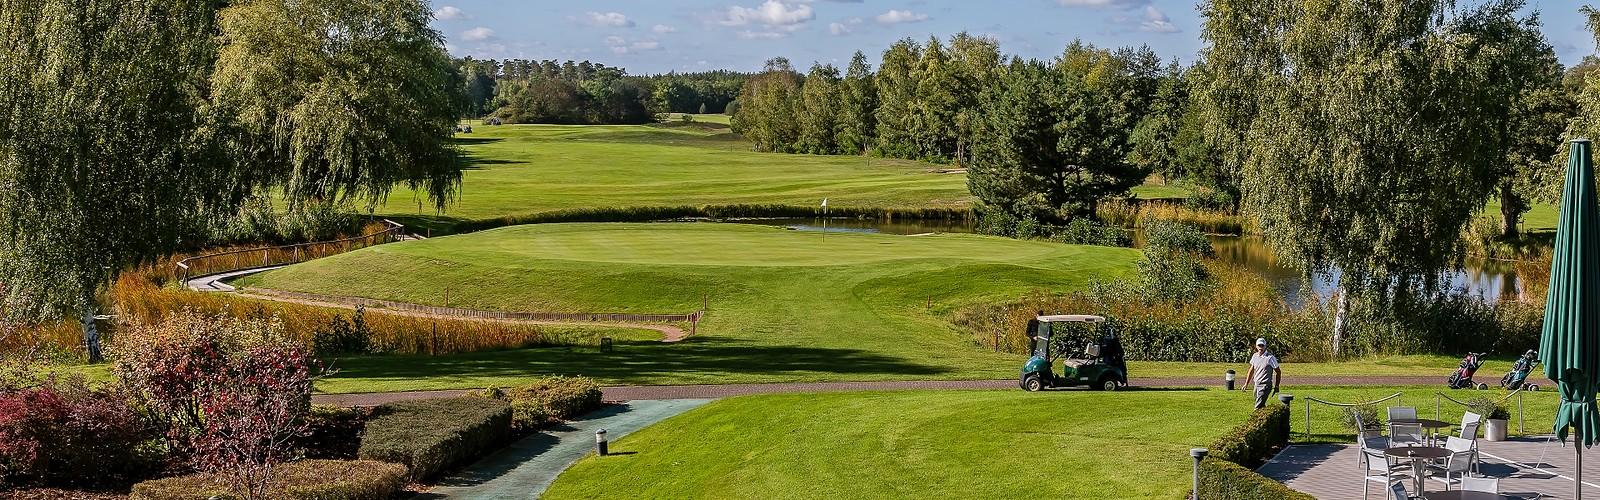 GolfResort Semlin, Foto: GolfResort Semlin